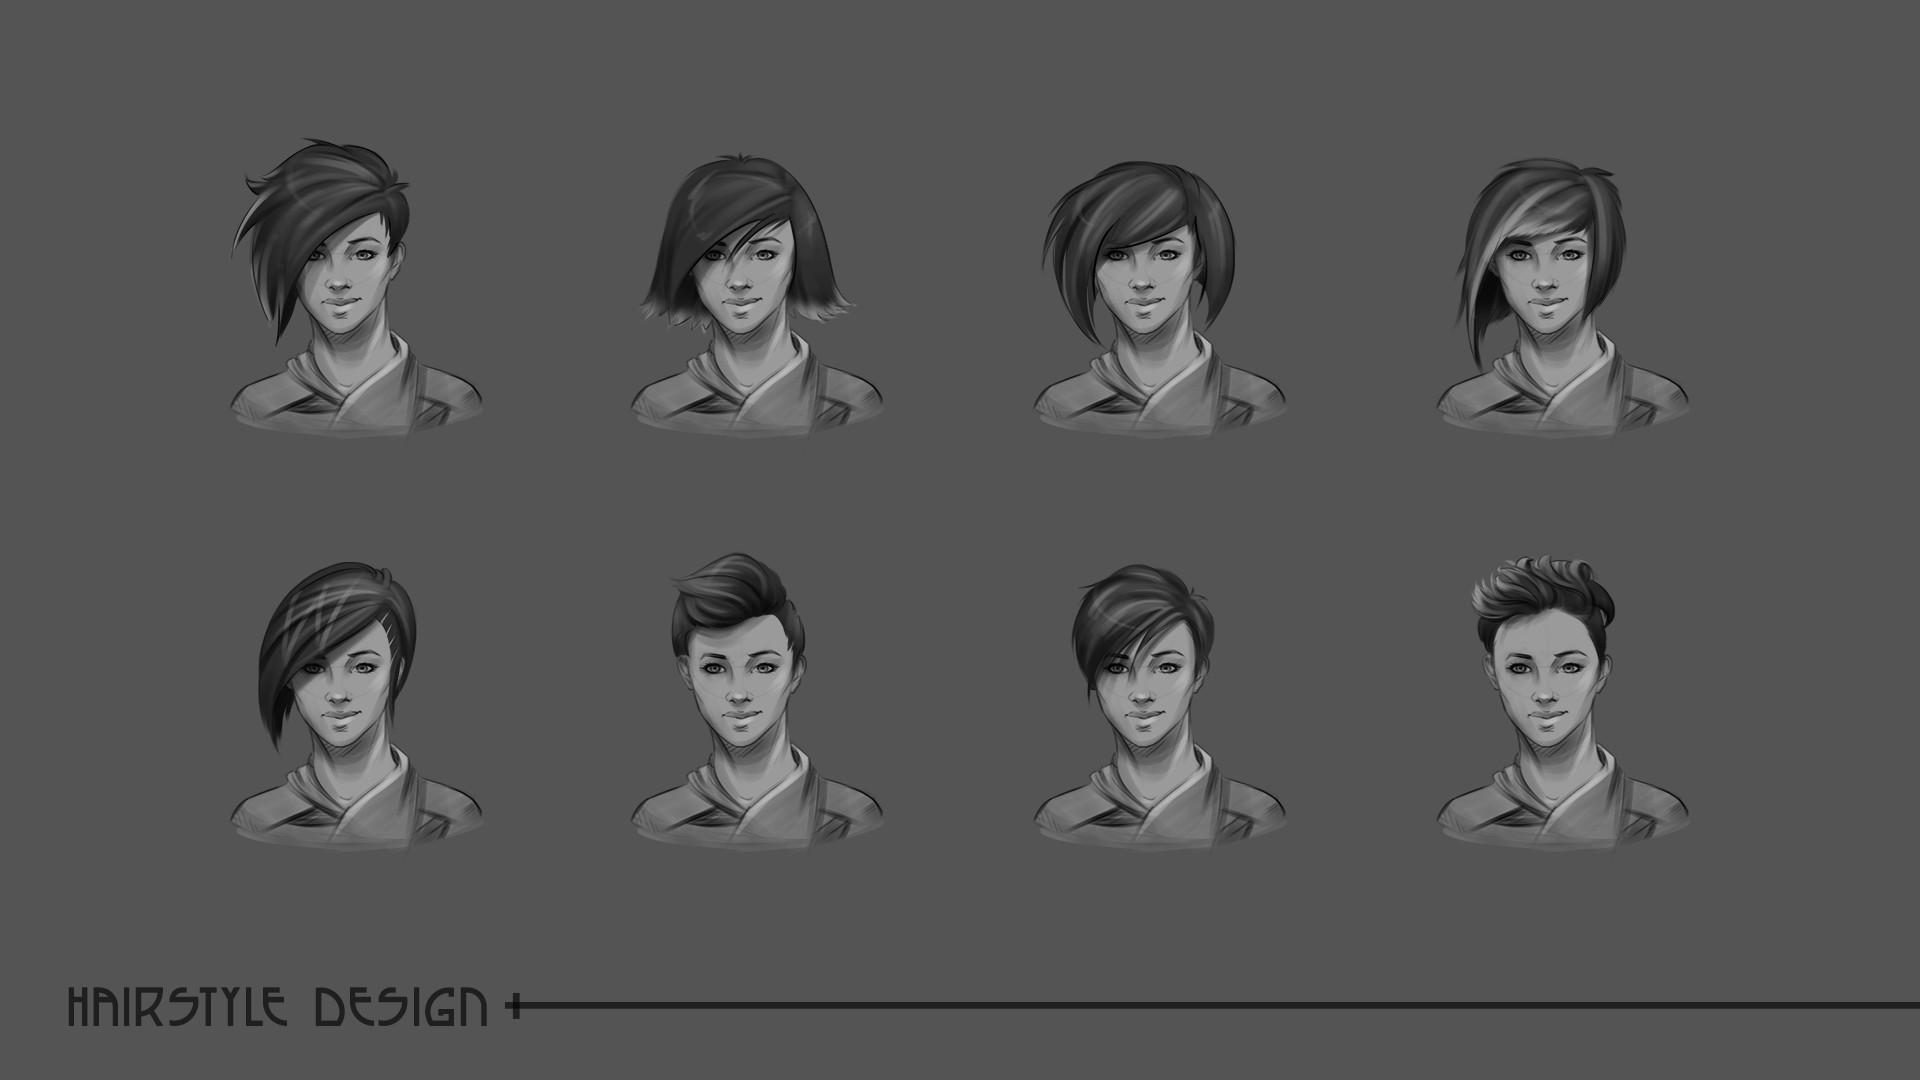 Laura escobar mulan hairstyle 1